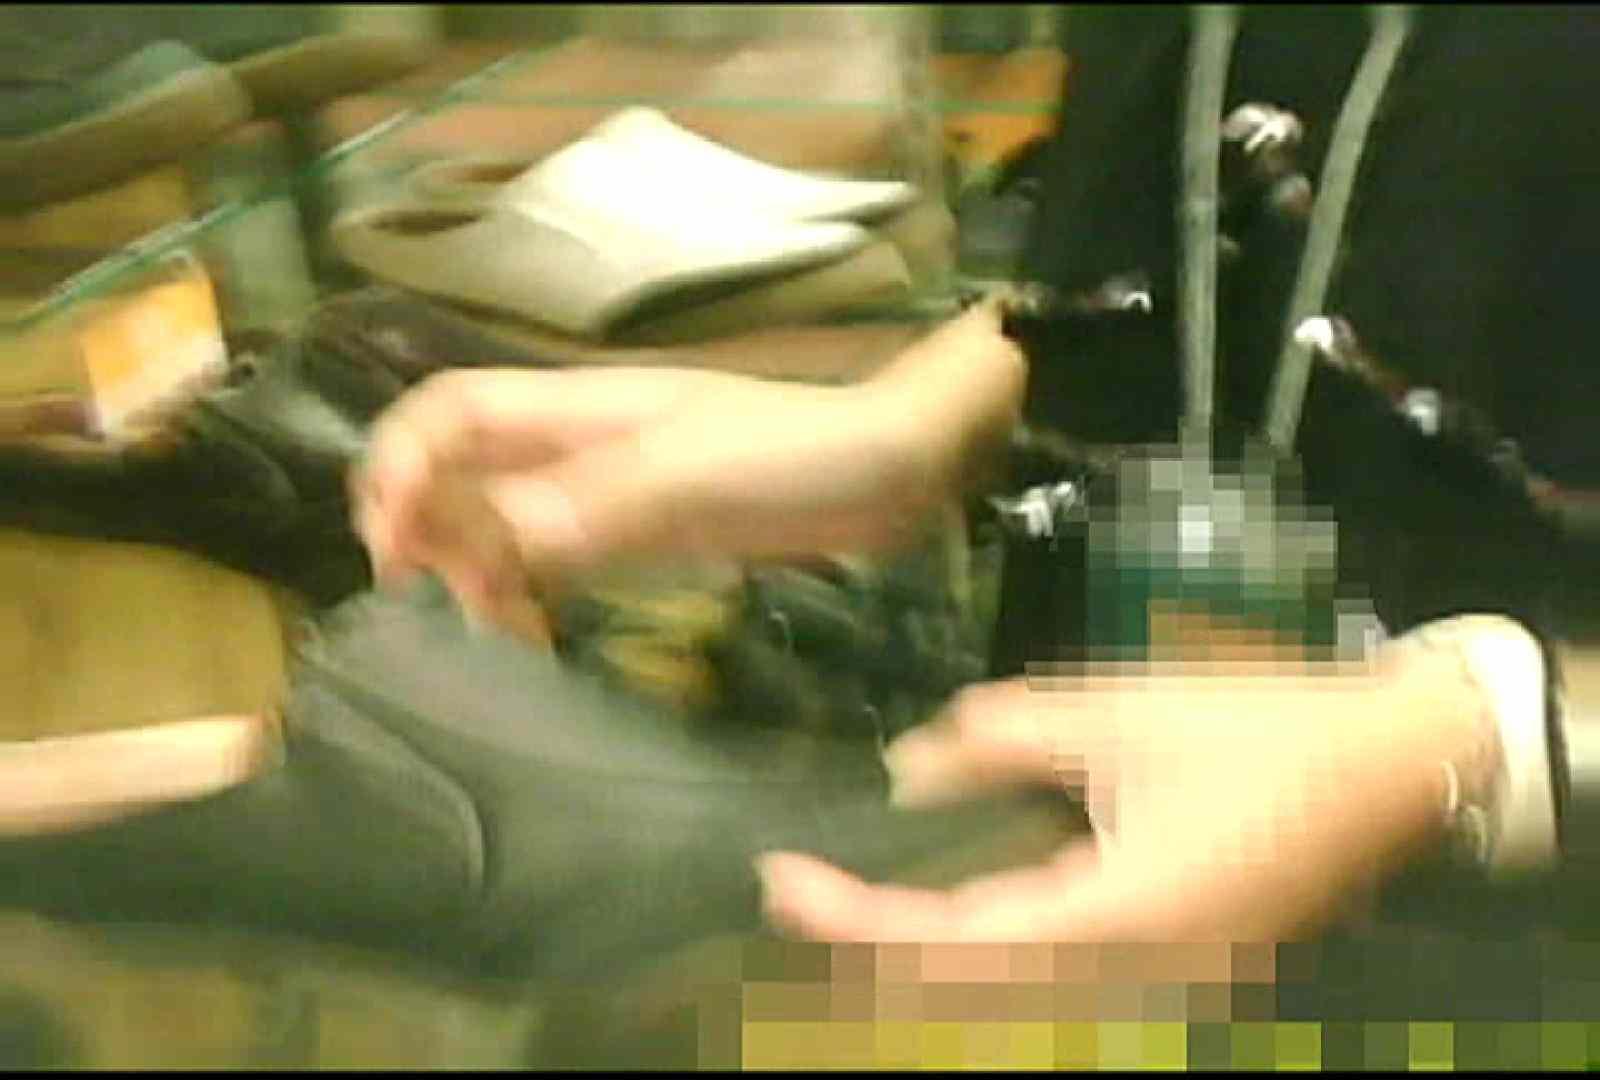 「ノゾキスト」さんの陰撮!!美女サルベージVol.1 覗き セックス画像 89PIX 44